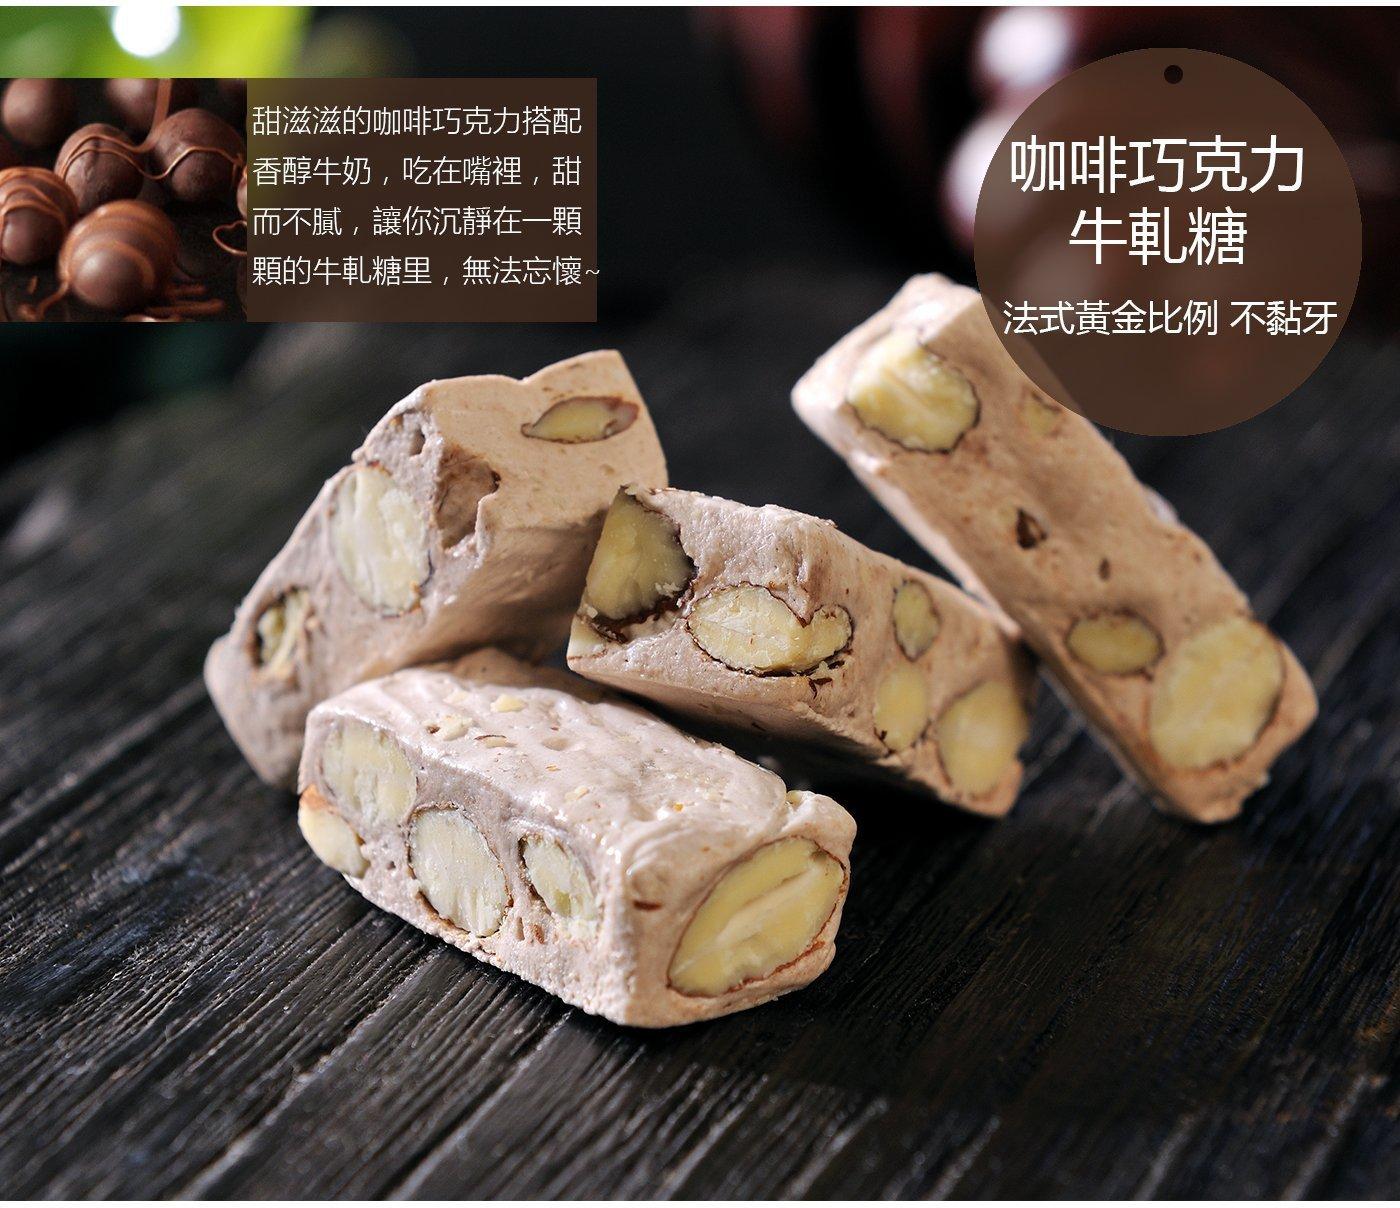 【二鹿養生美食】  yahoo  牛軋糖 核桃糕 彰化縣十大伴手禮 鹿港名產特色小吃 巧克力咖啡牛軋糖 免